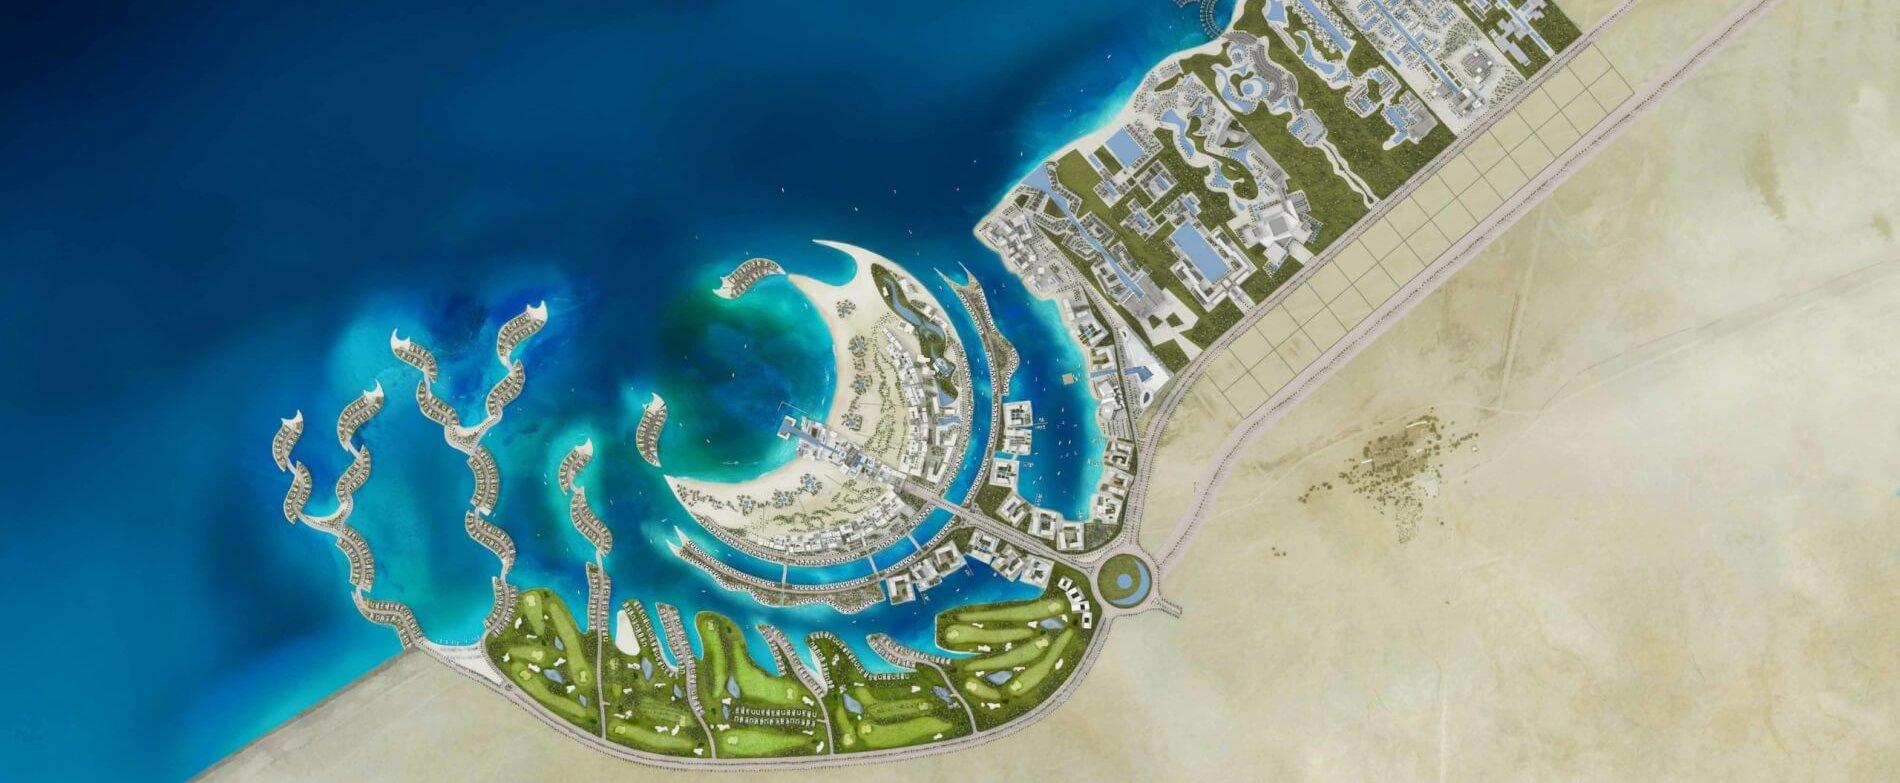 Sunset Islands Development 1